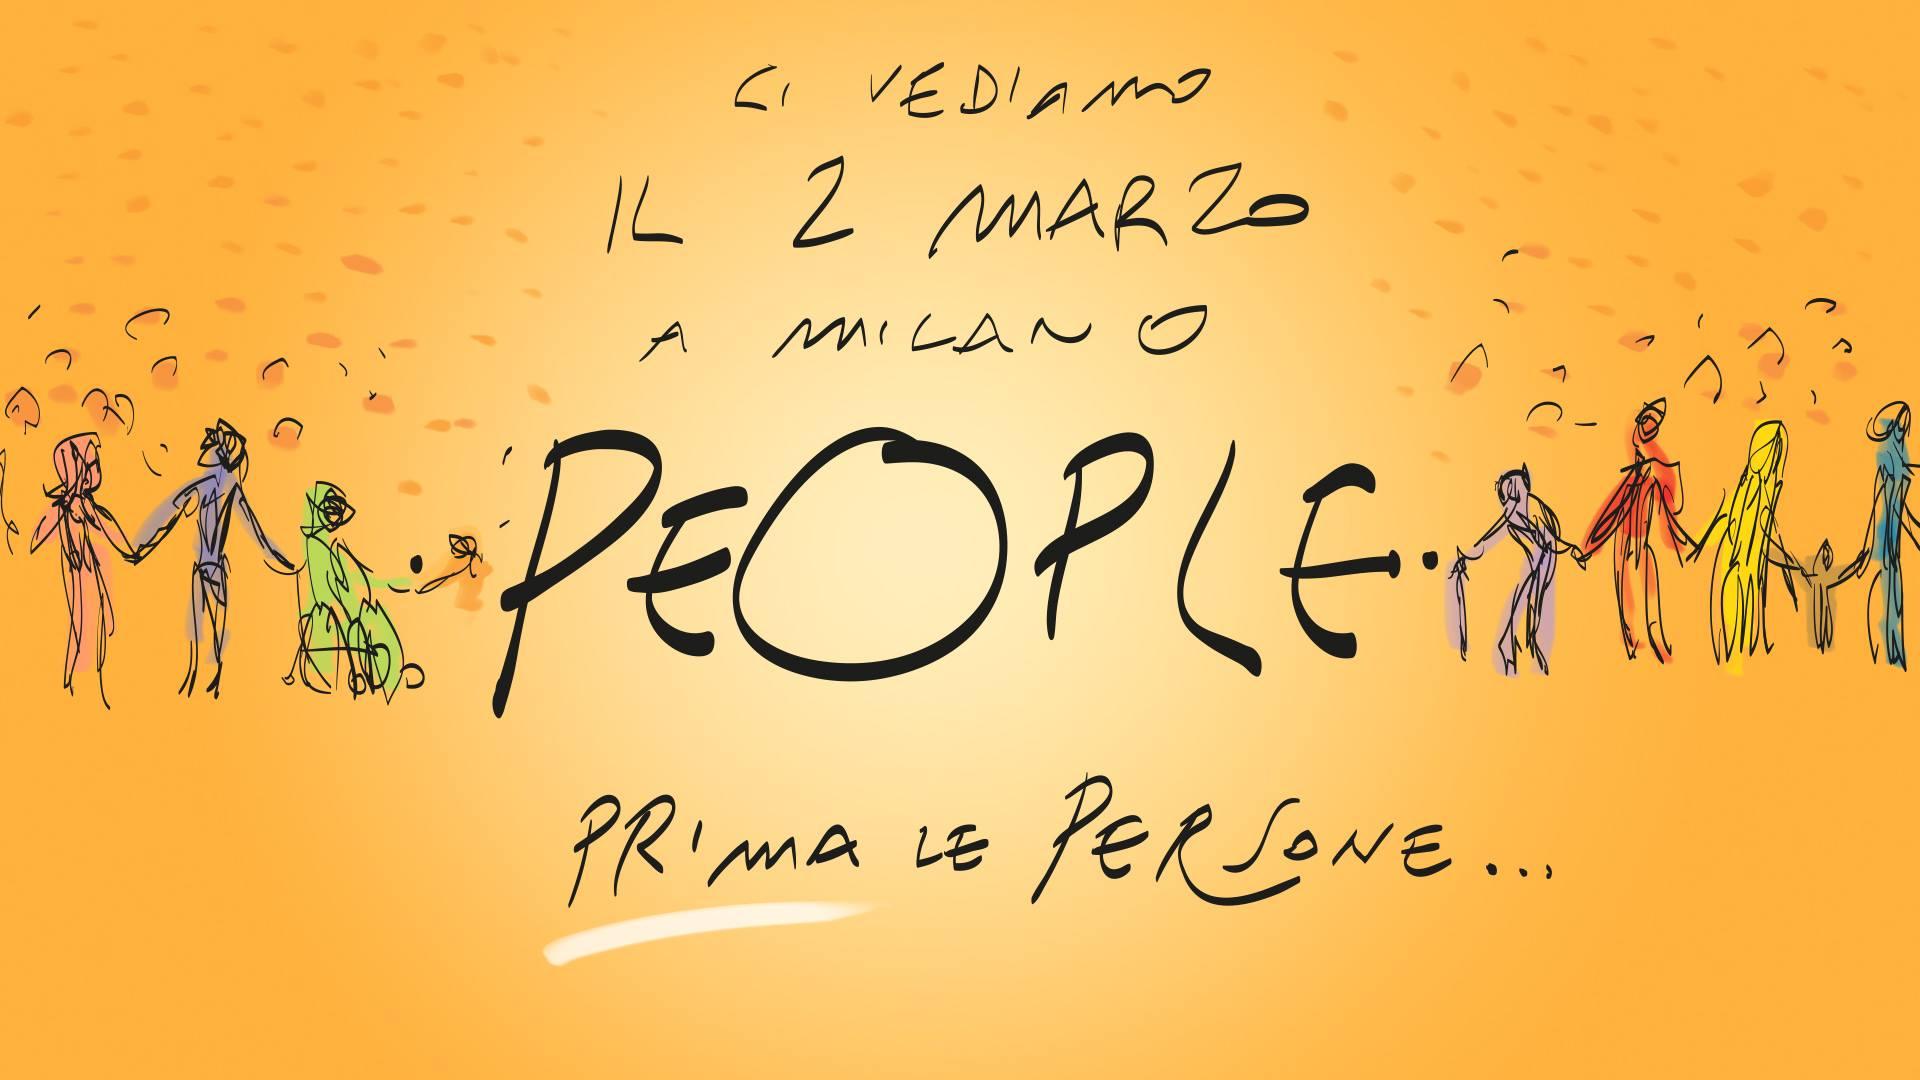 2 marzo - prima le persone